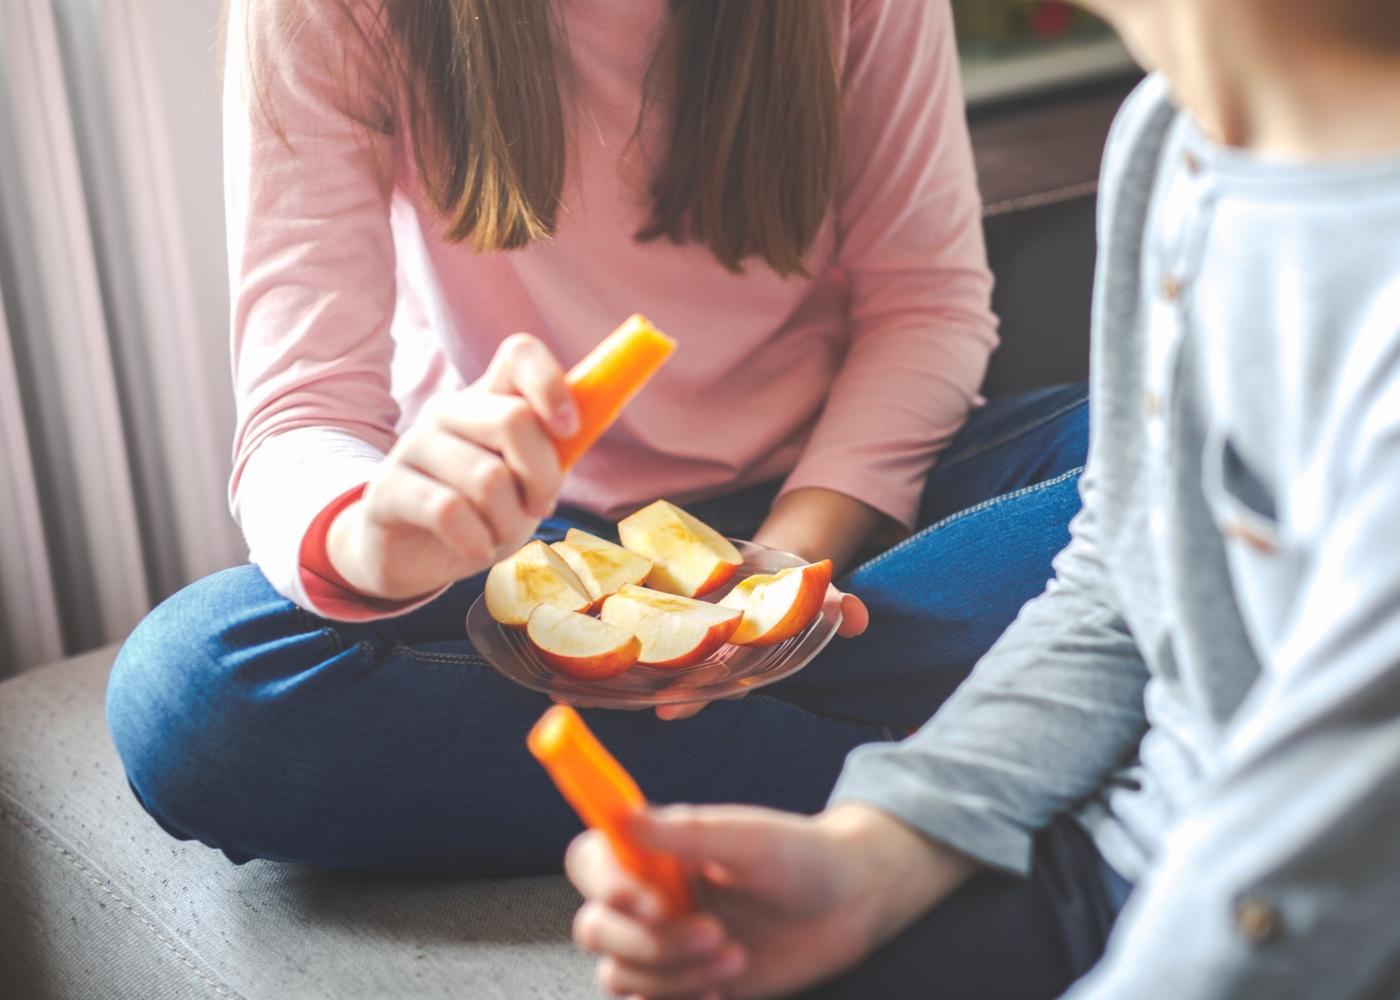 cuidados alimentares com as crianças: crianças a comer fruta e legumes